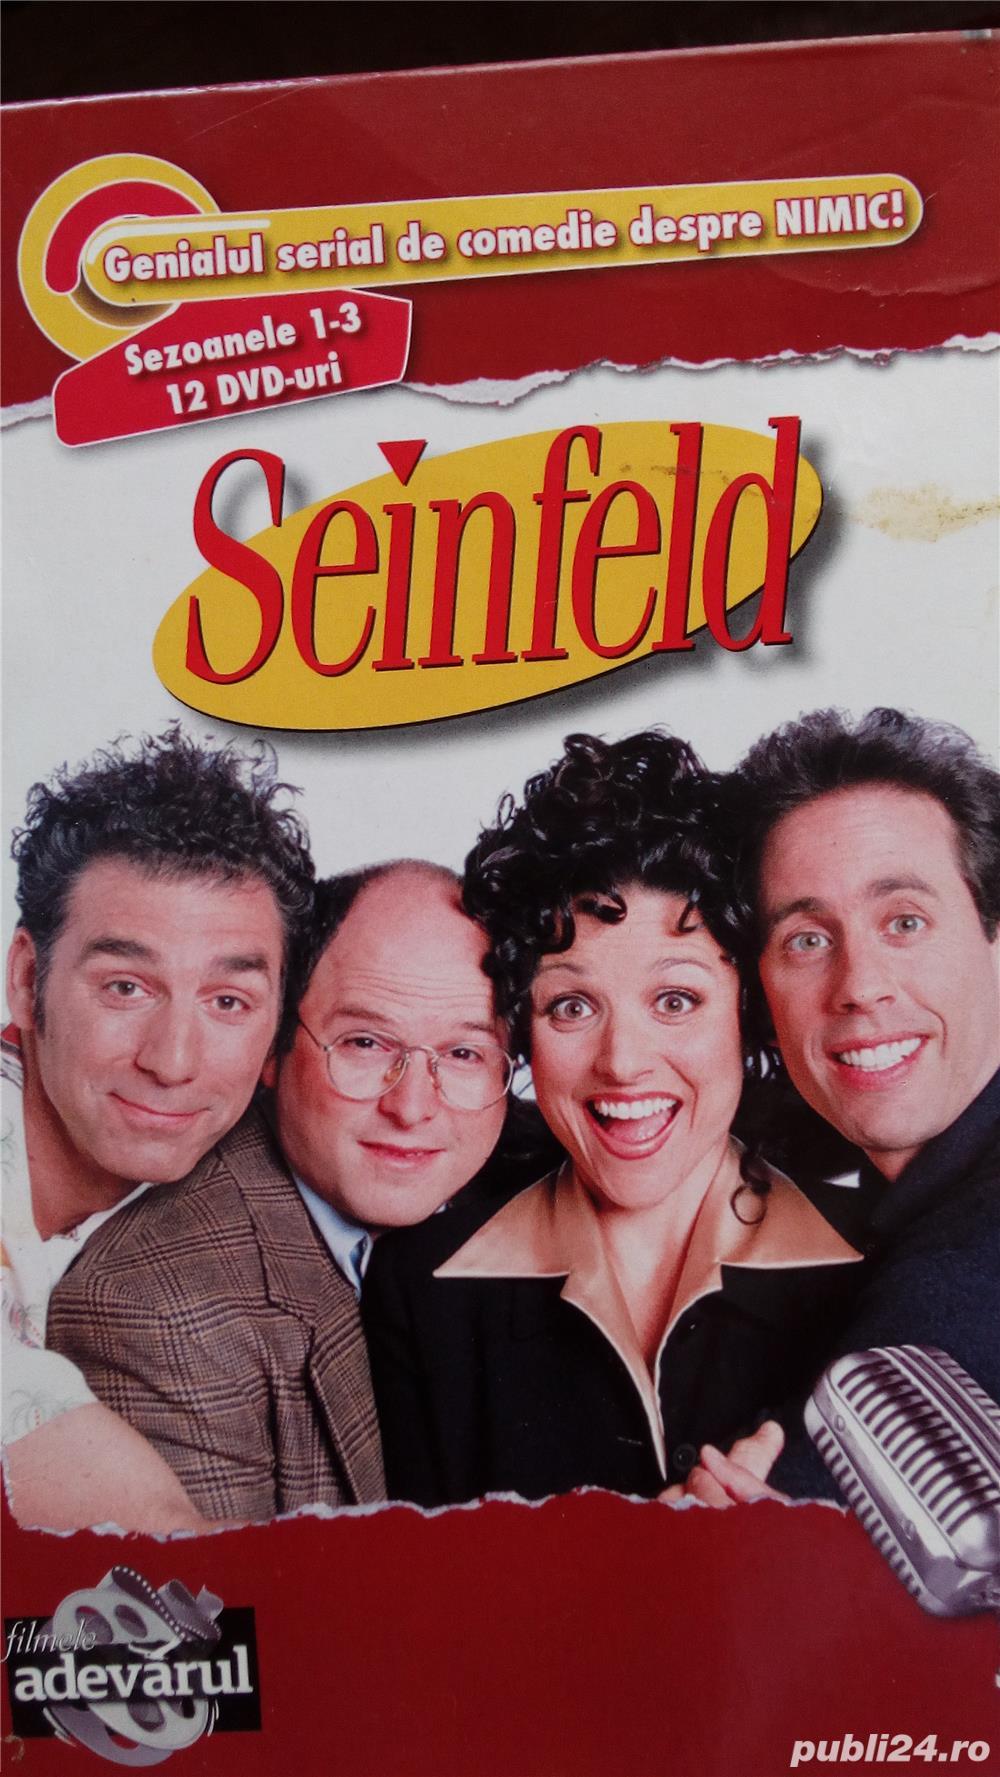 Vand colectie de filme Seindfeld